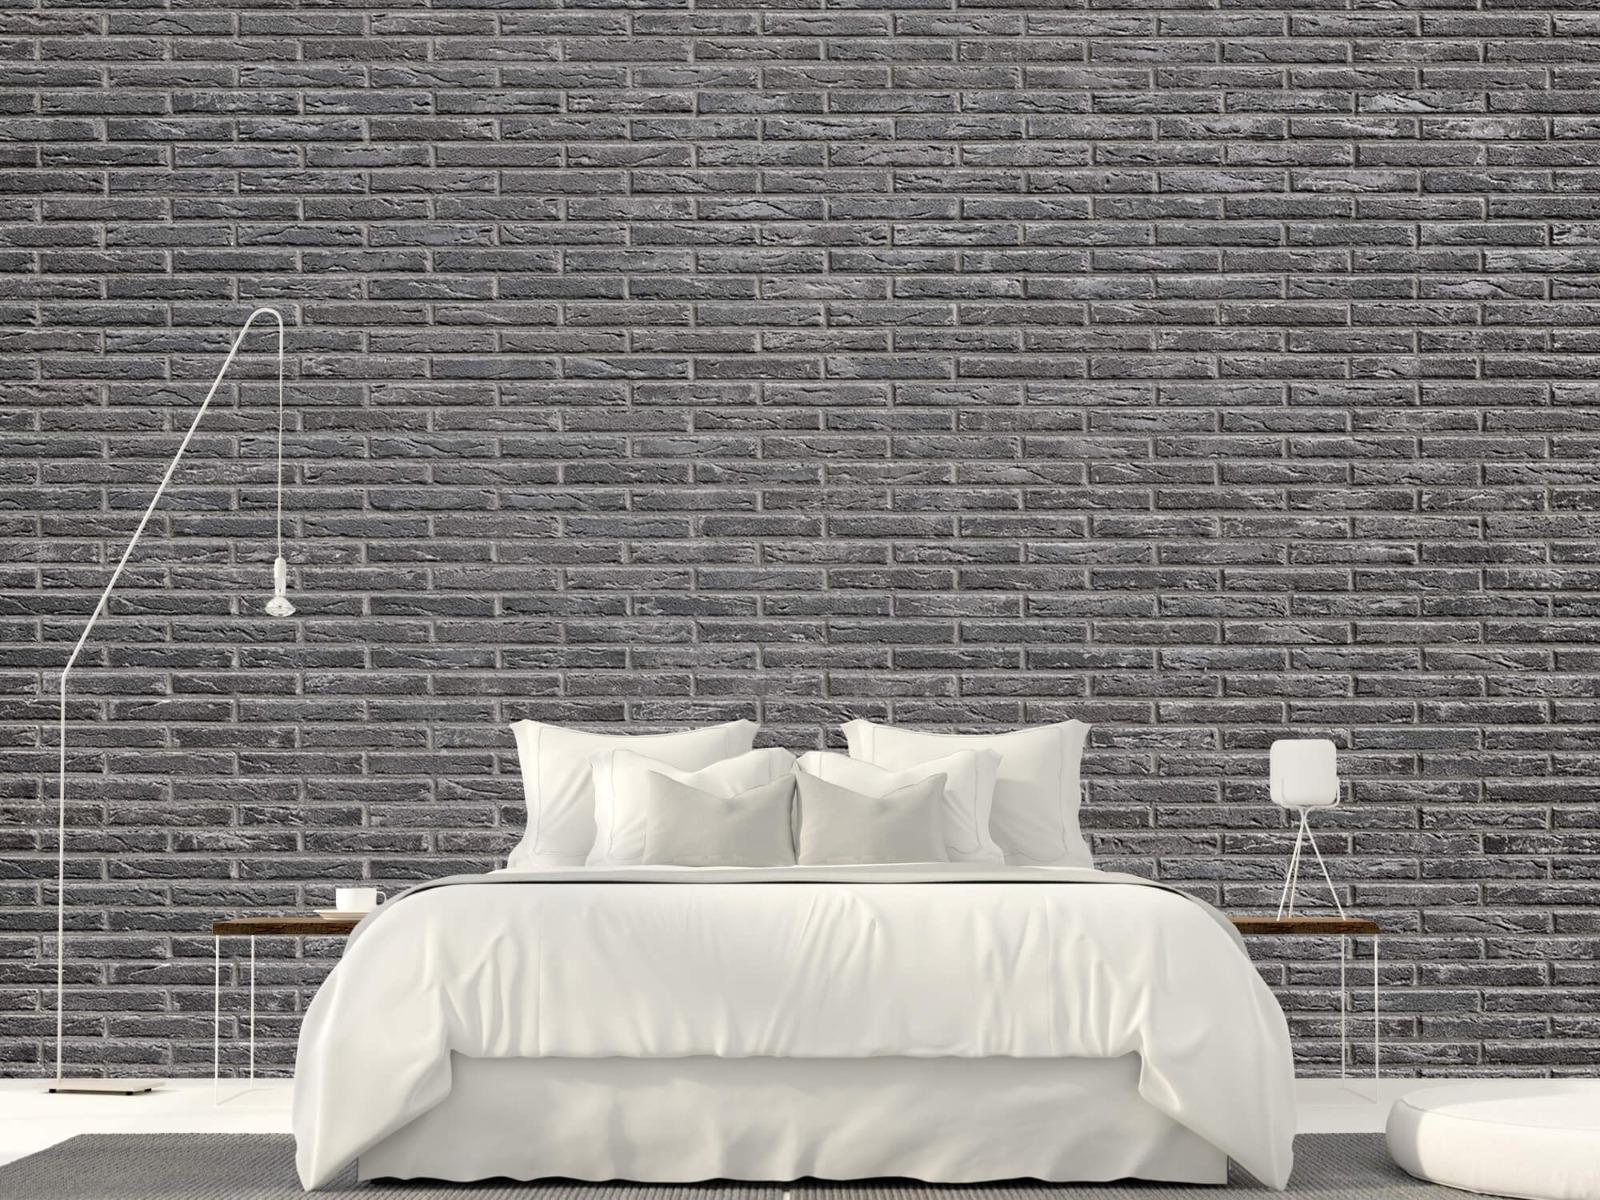 Steen behang - Grijze bakstenen - Wallexclusive - Slaapkamer 19